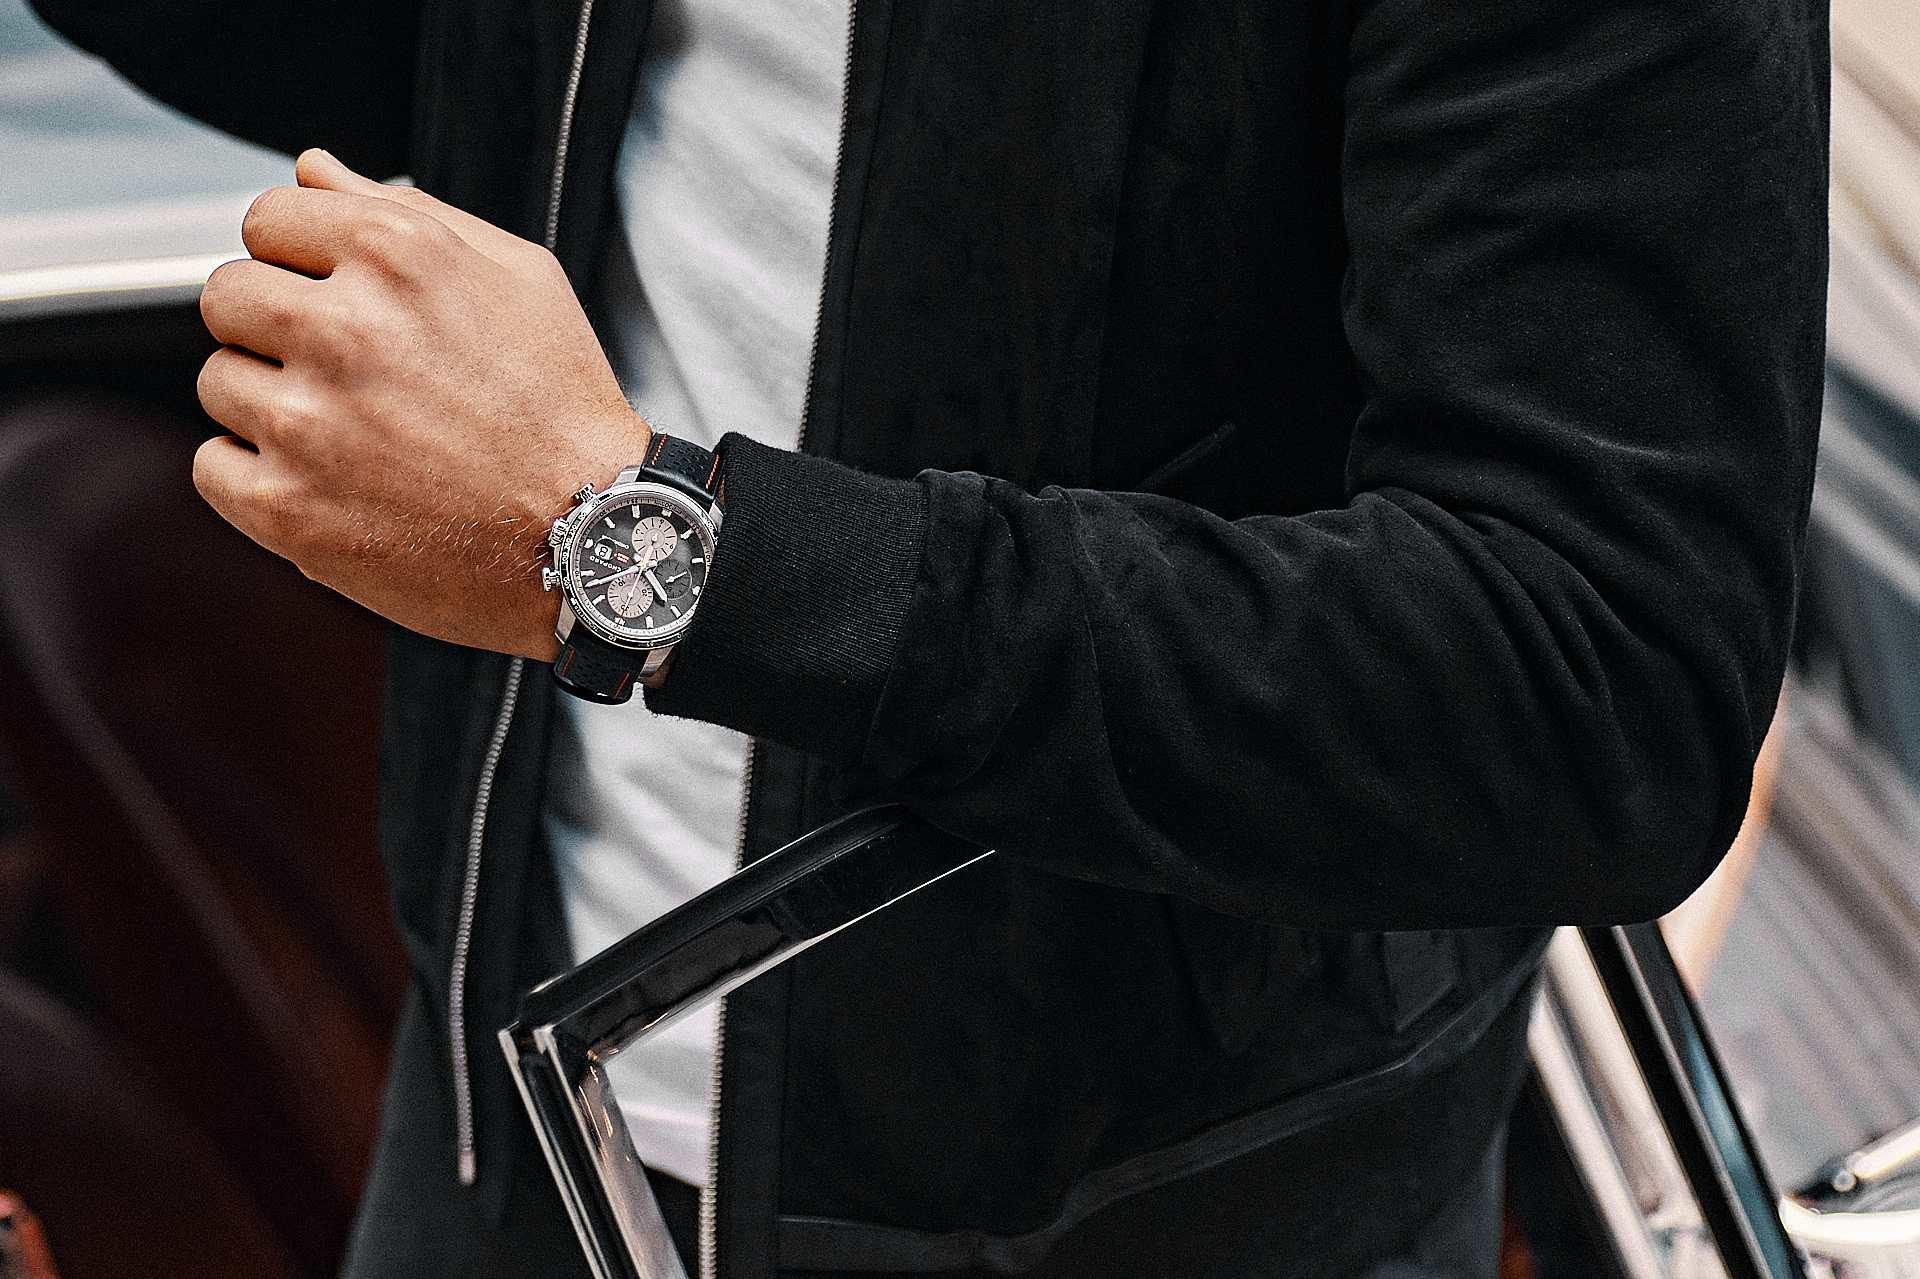 為紳士車手而設的計時碼錶:蕭邦 Mille Miglia 2021車賽限量版腕錶